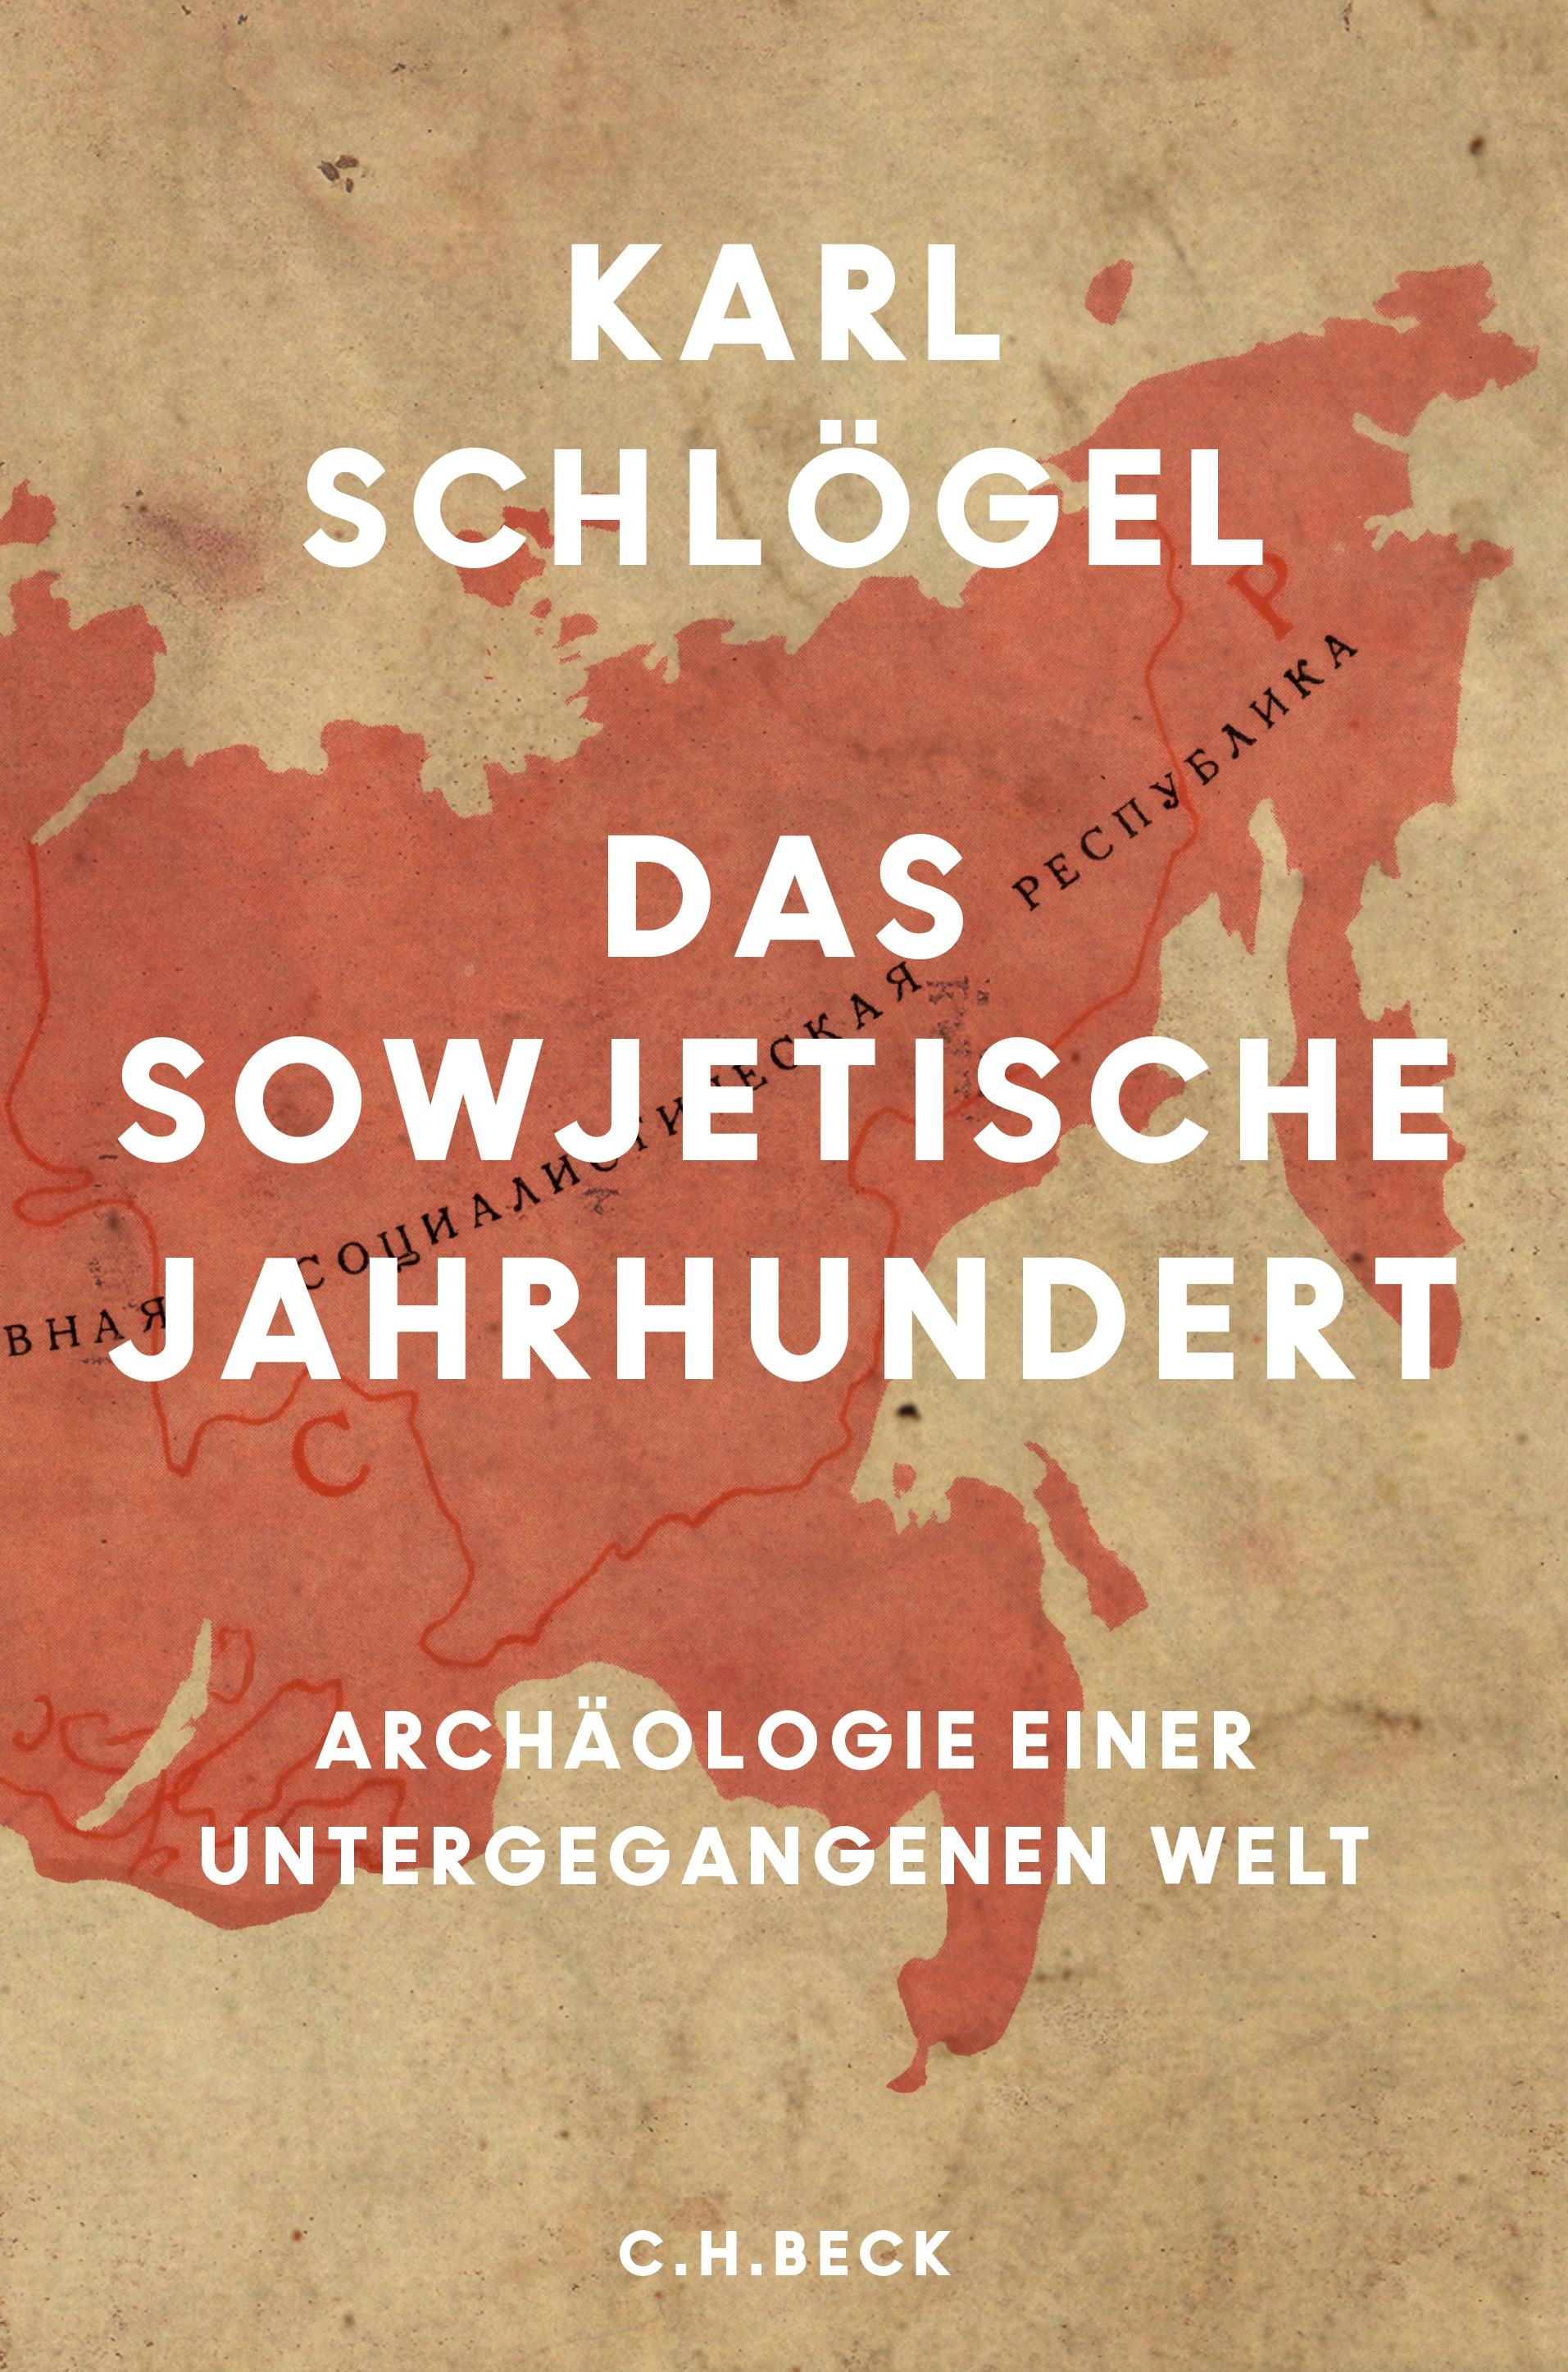 Das sowjetische Jahrhundert | Schlögel, Karl | 4., durchgesehene Auflage, 2017 | Buch (Cover)